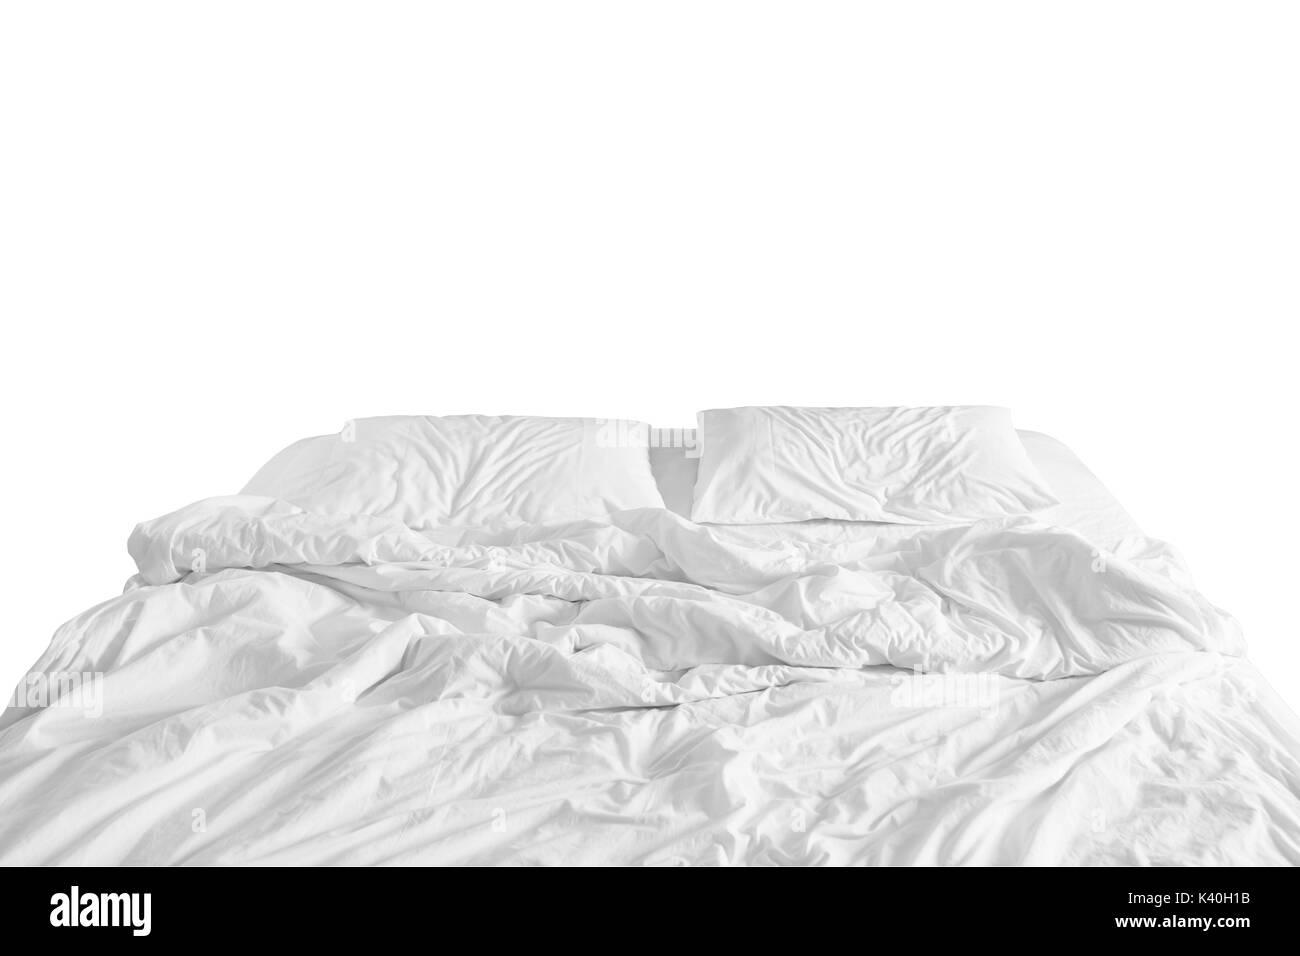 lit d fait avec drap froiss une couverture et des oreillers couette confort apr s dormir se. Black Bedroom Furniture Sets. Home Design Ideas